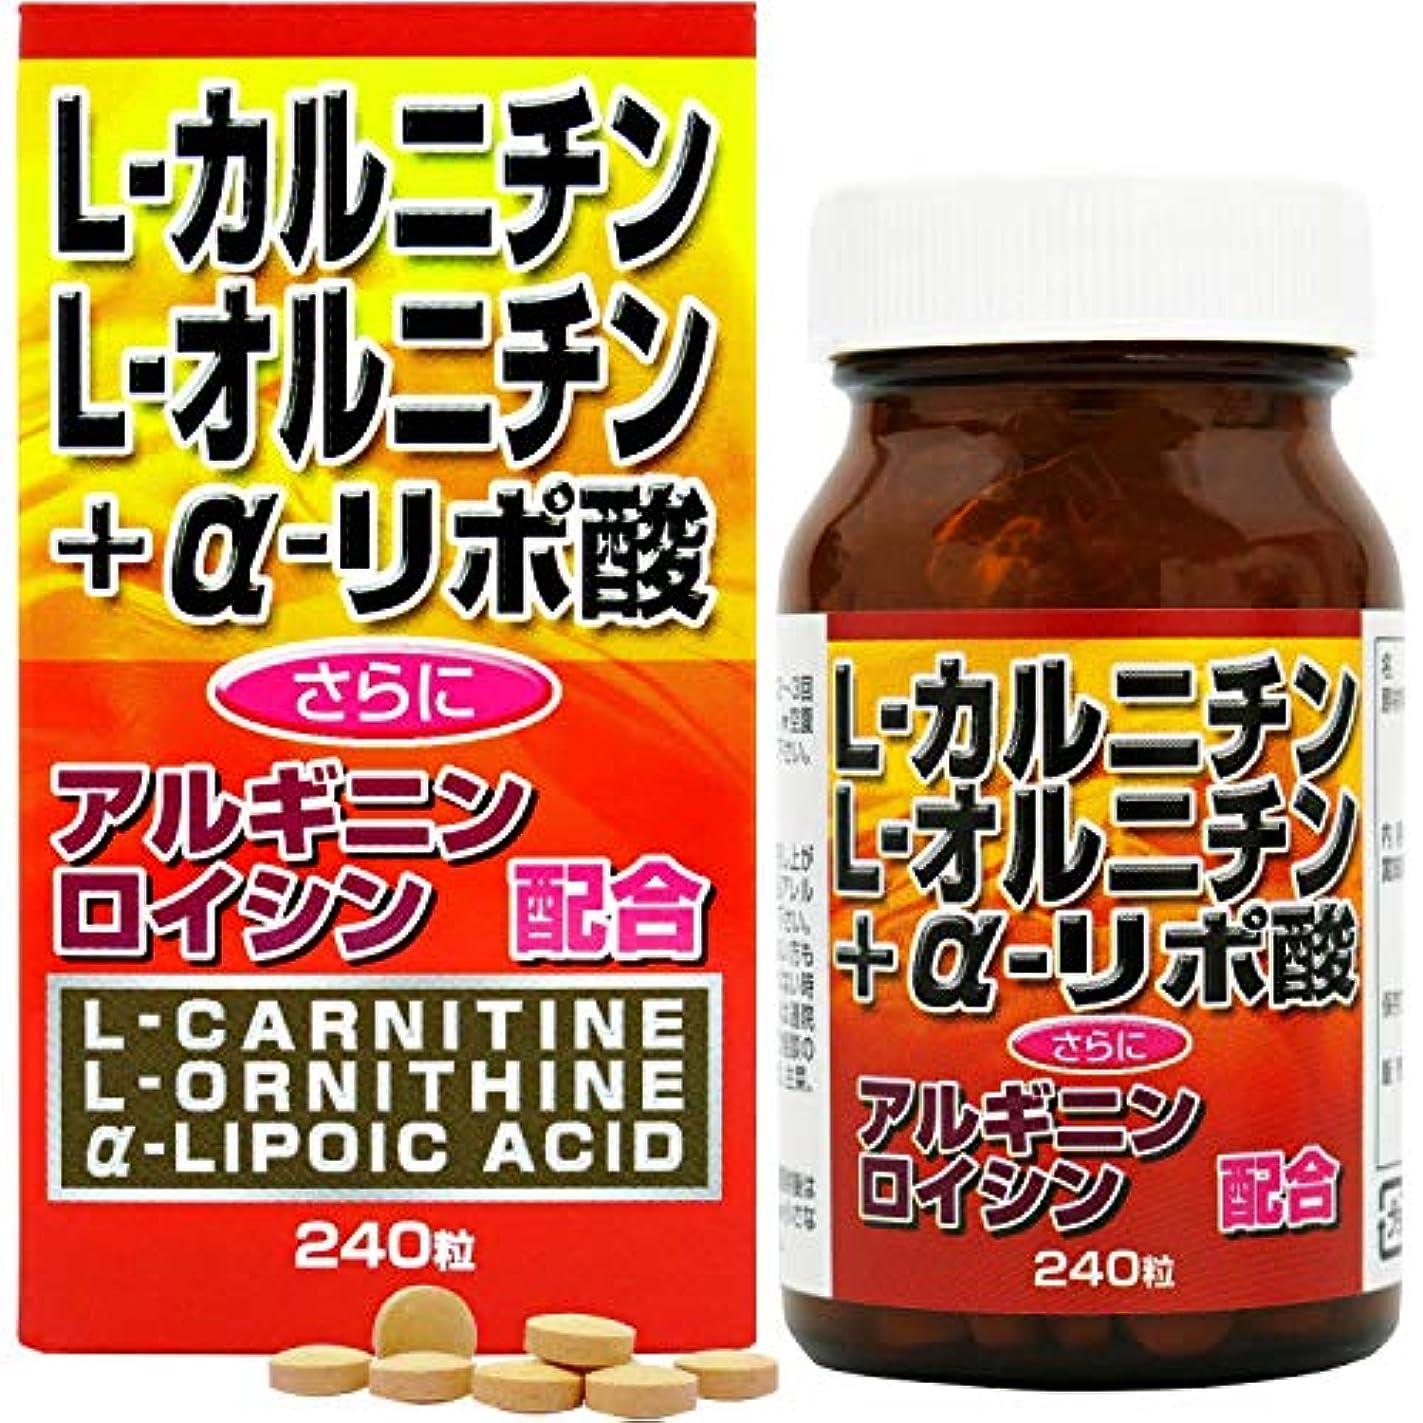 名詞世界の窓ボトルユウキ製薬 L-オルニチン+L-カルニチン+α-リポ酸 30日分 240粒